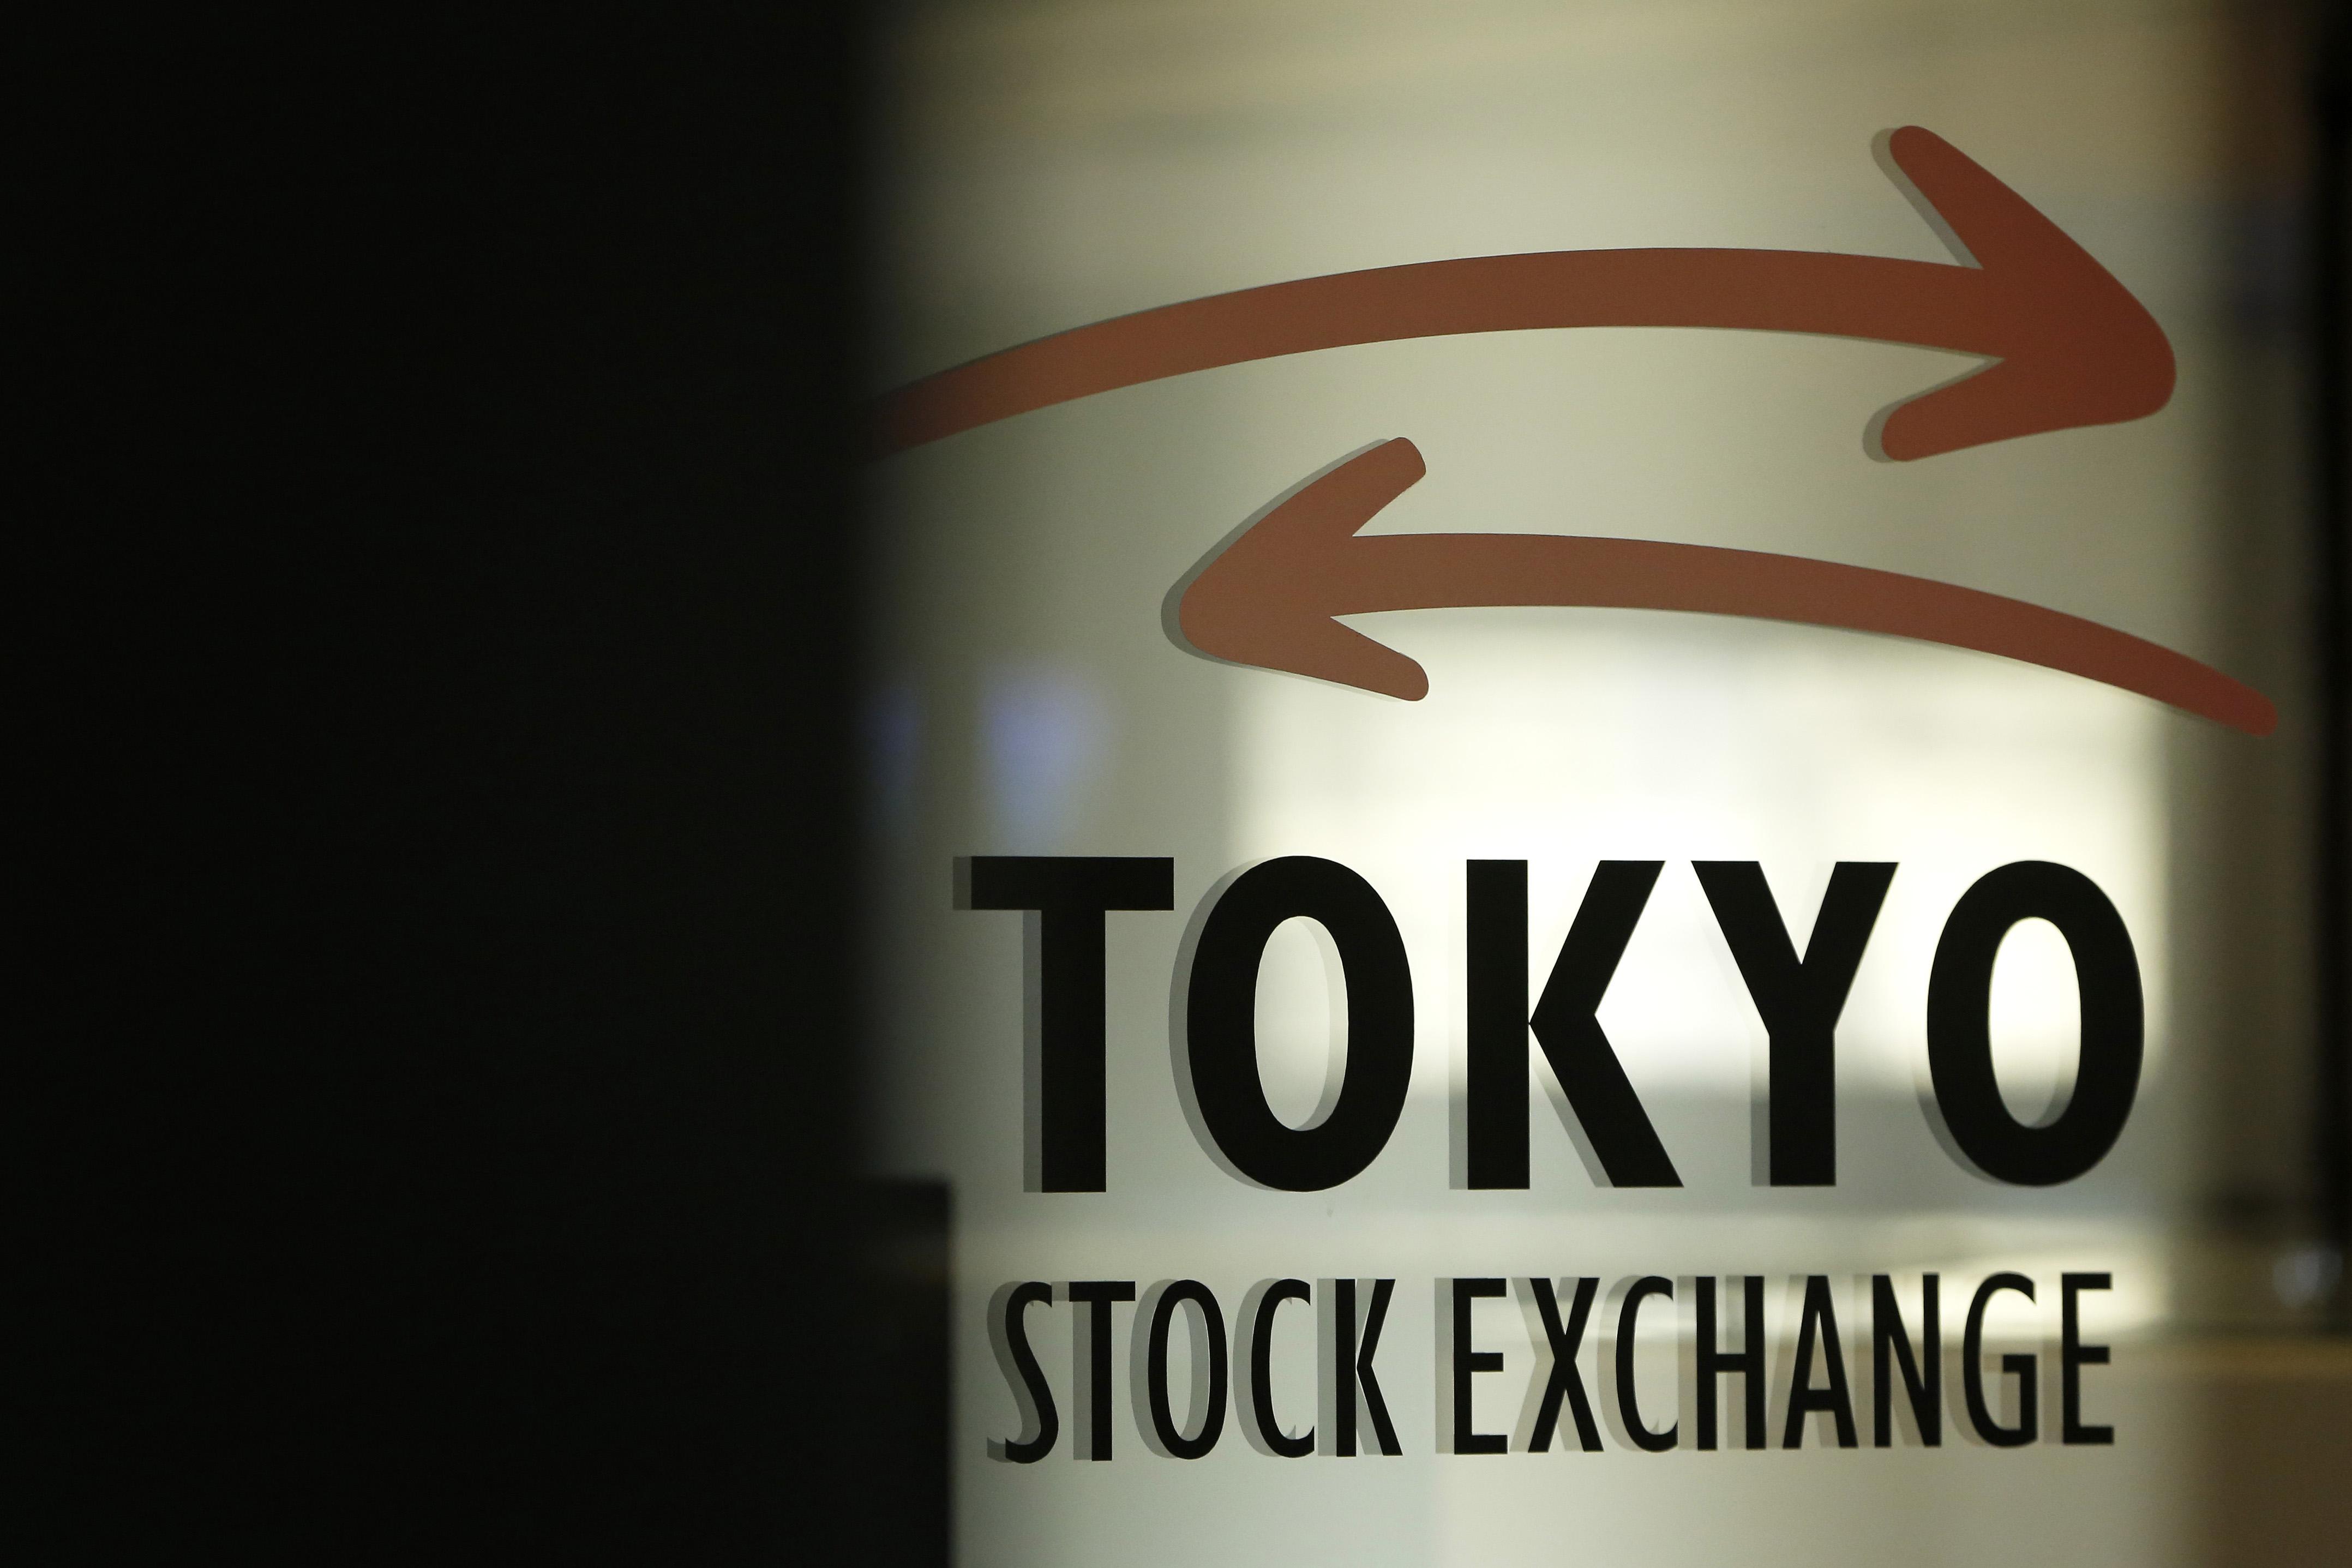 در پی کاهش قیمت کالای اساسی: آشفتگی در بازار ژاپن